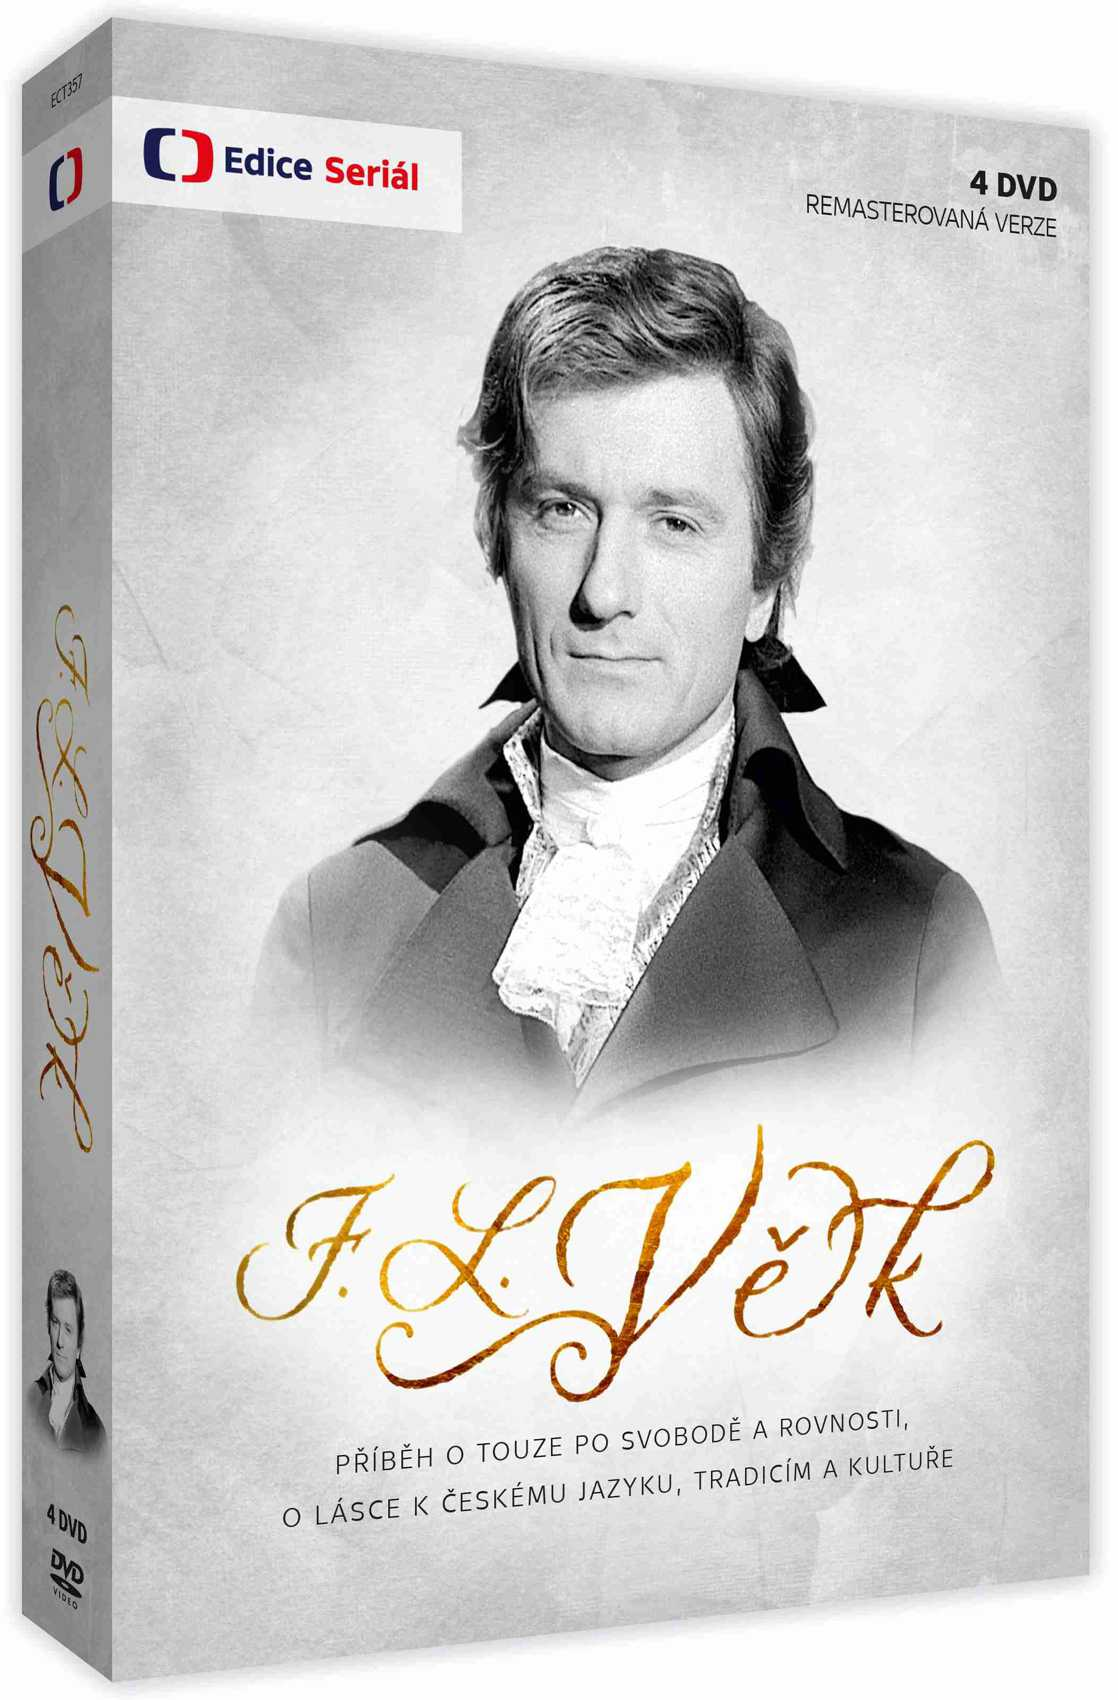 F. L. Věk - 4 DVD (Remasterovaná verze)